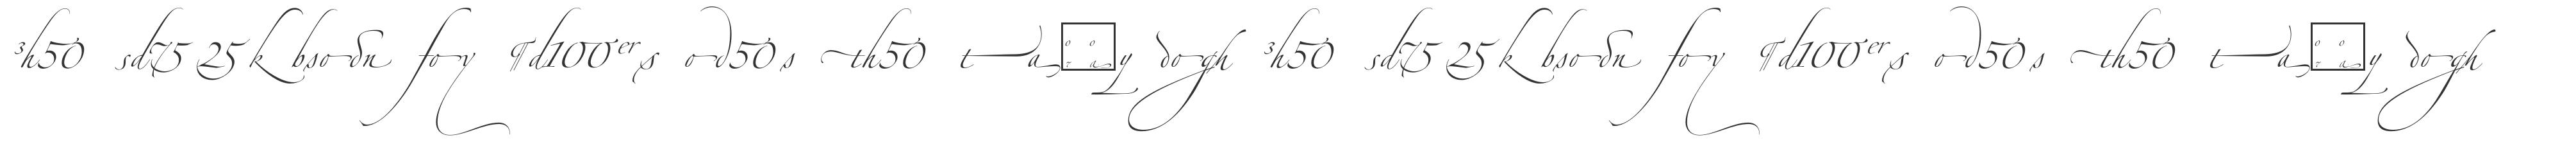 Zapfino® Extra Font Family - Fonts com